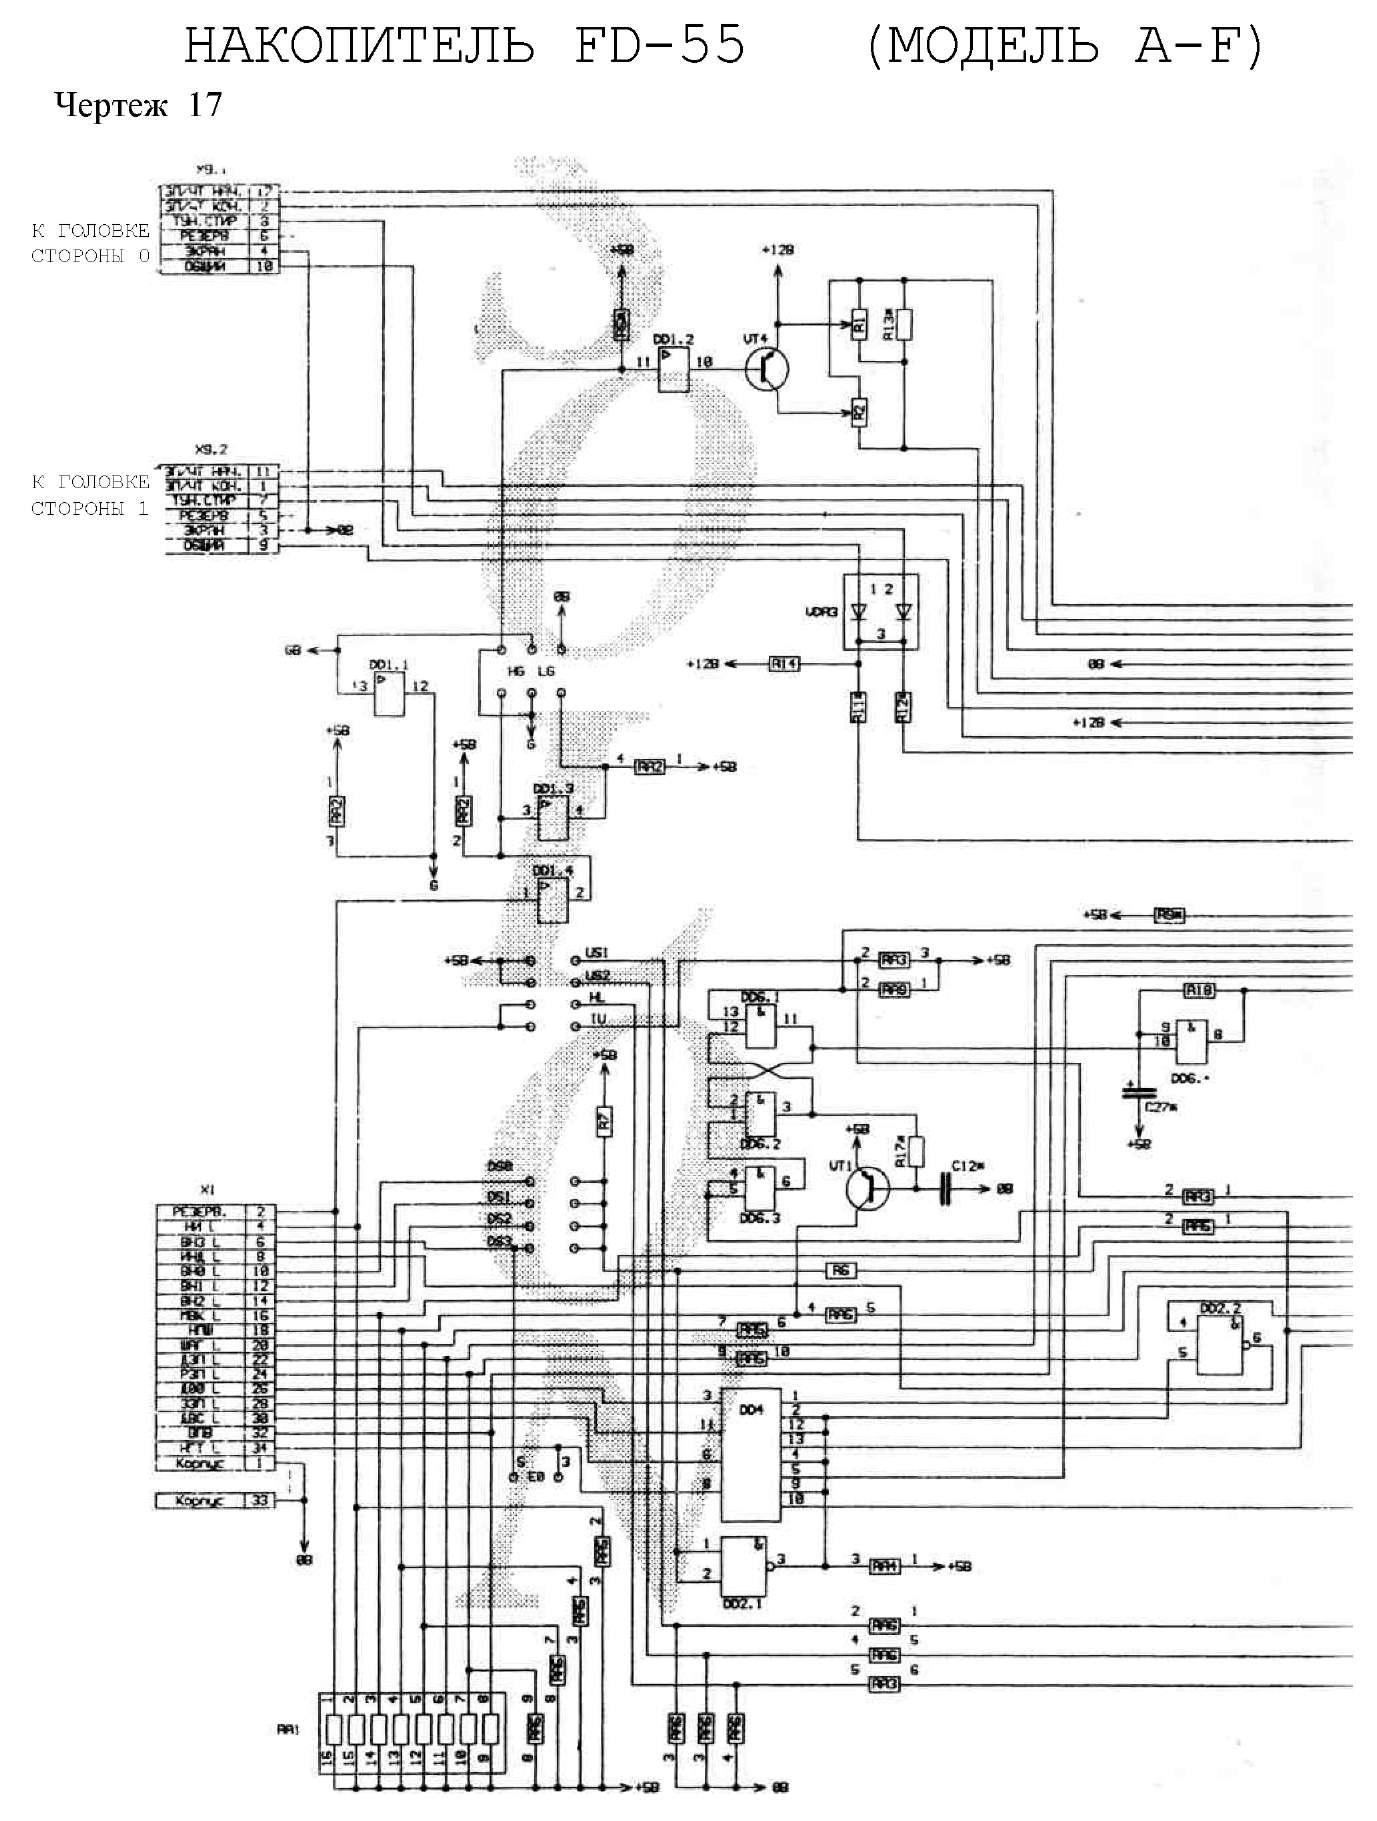 Схема флеш накопителей